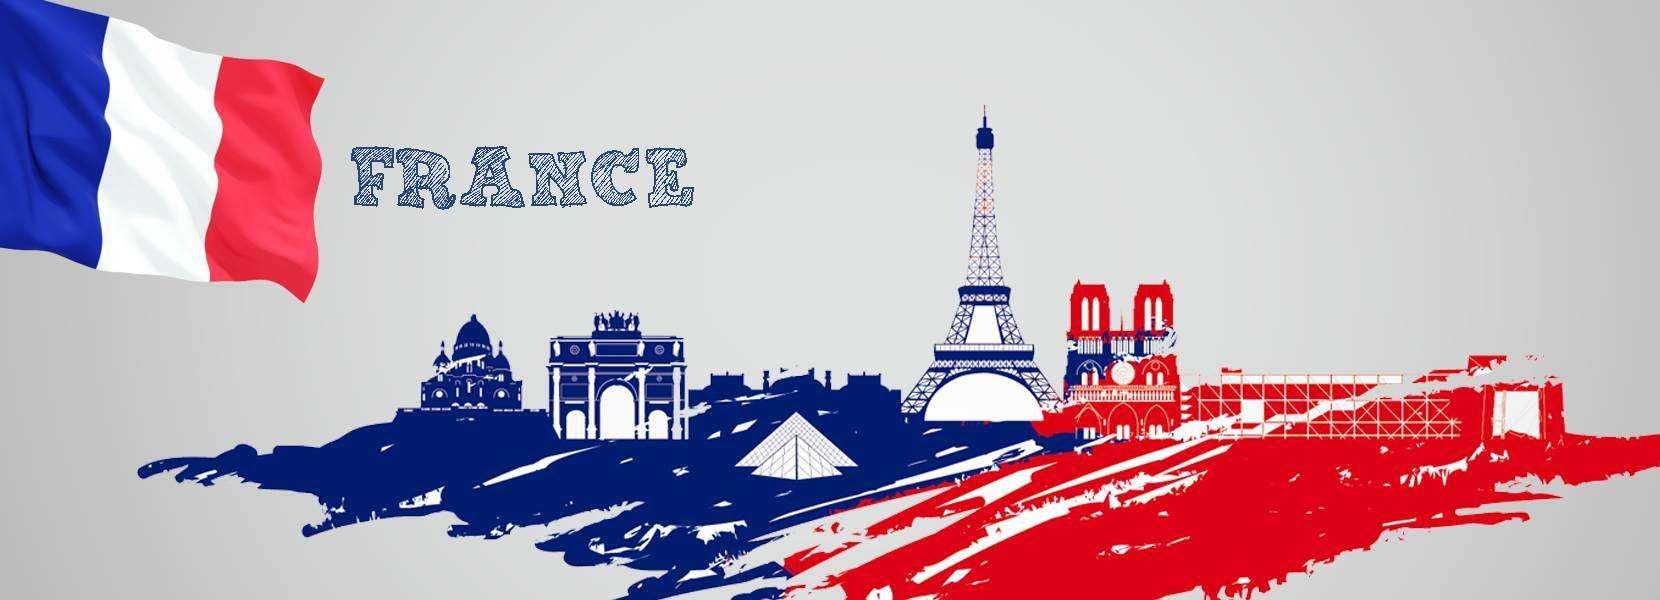 2019年法国留学有哪些签证类型呢?申请的要求是什么呢?